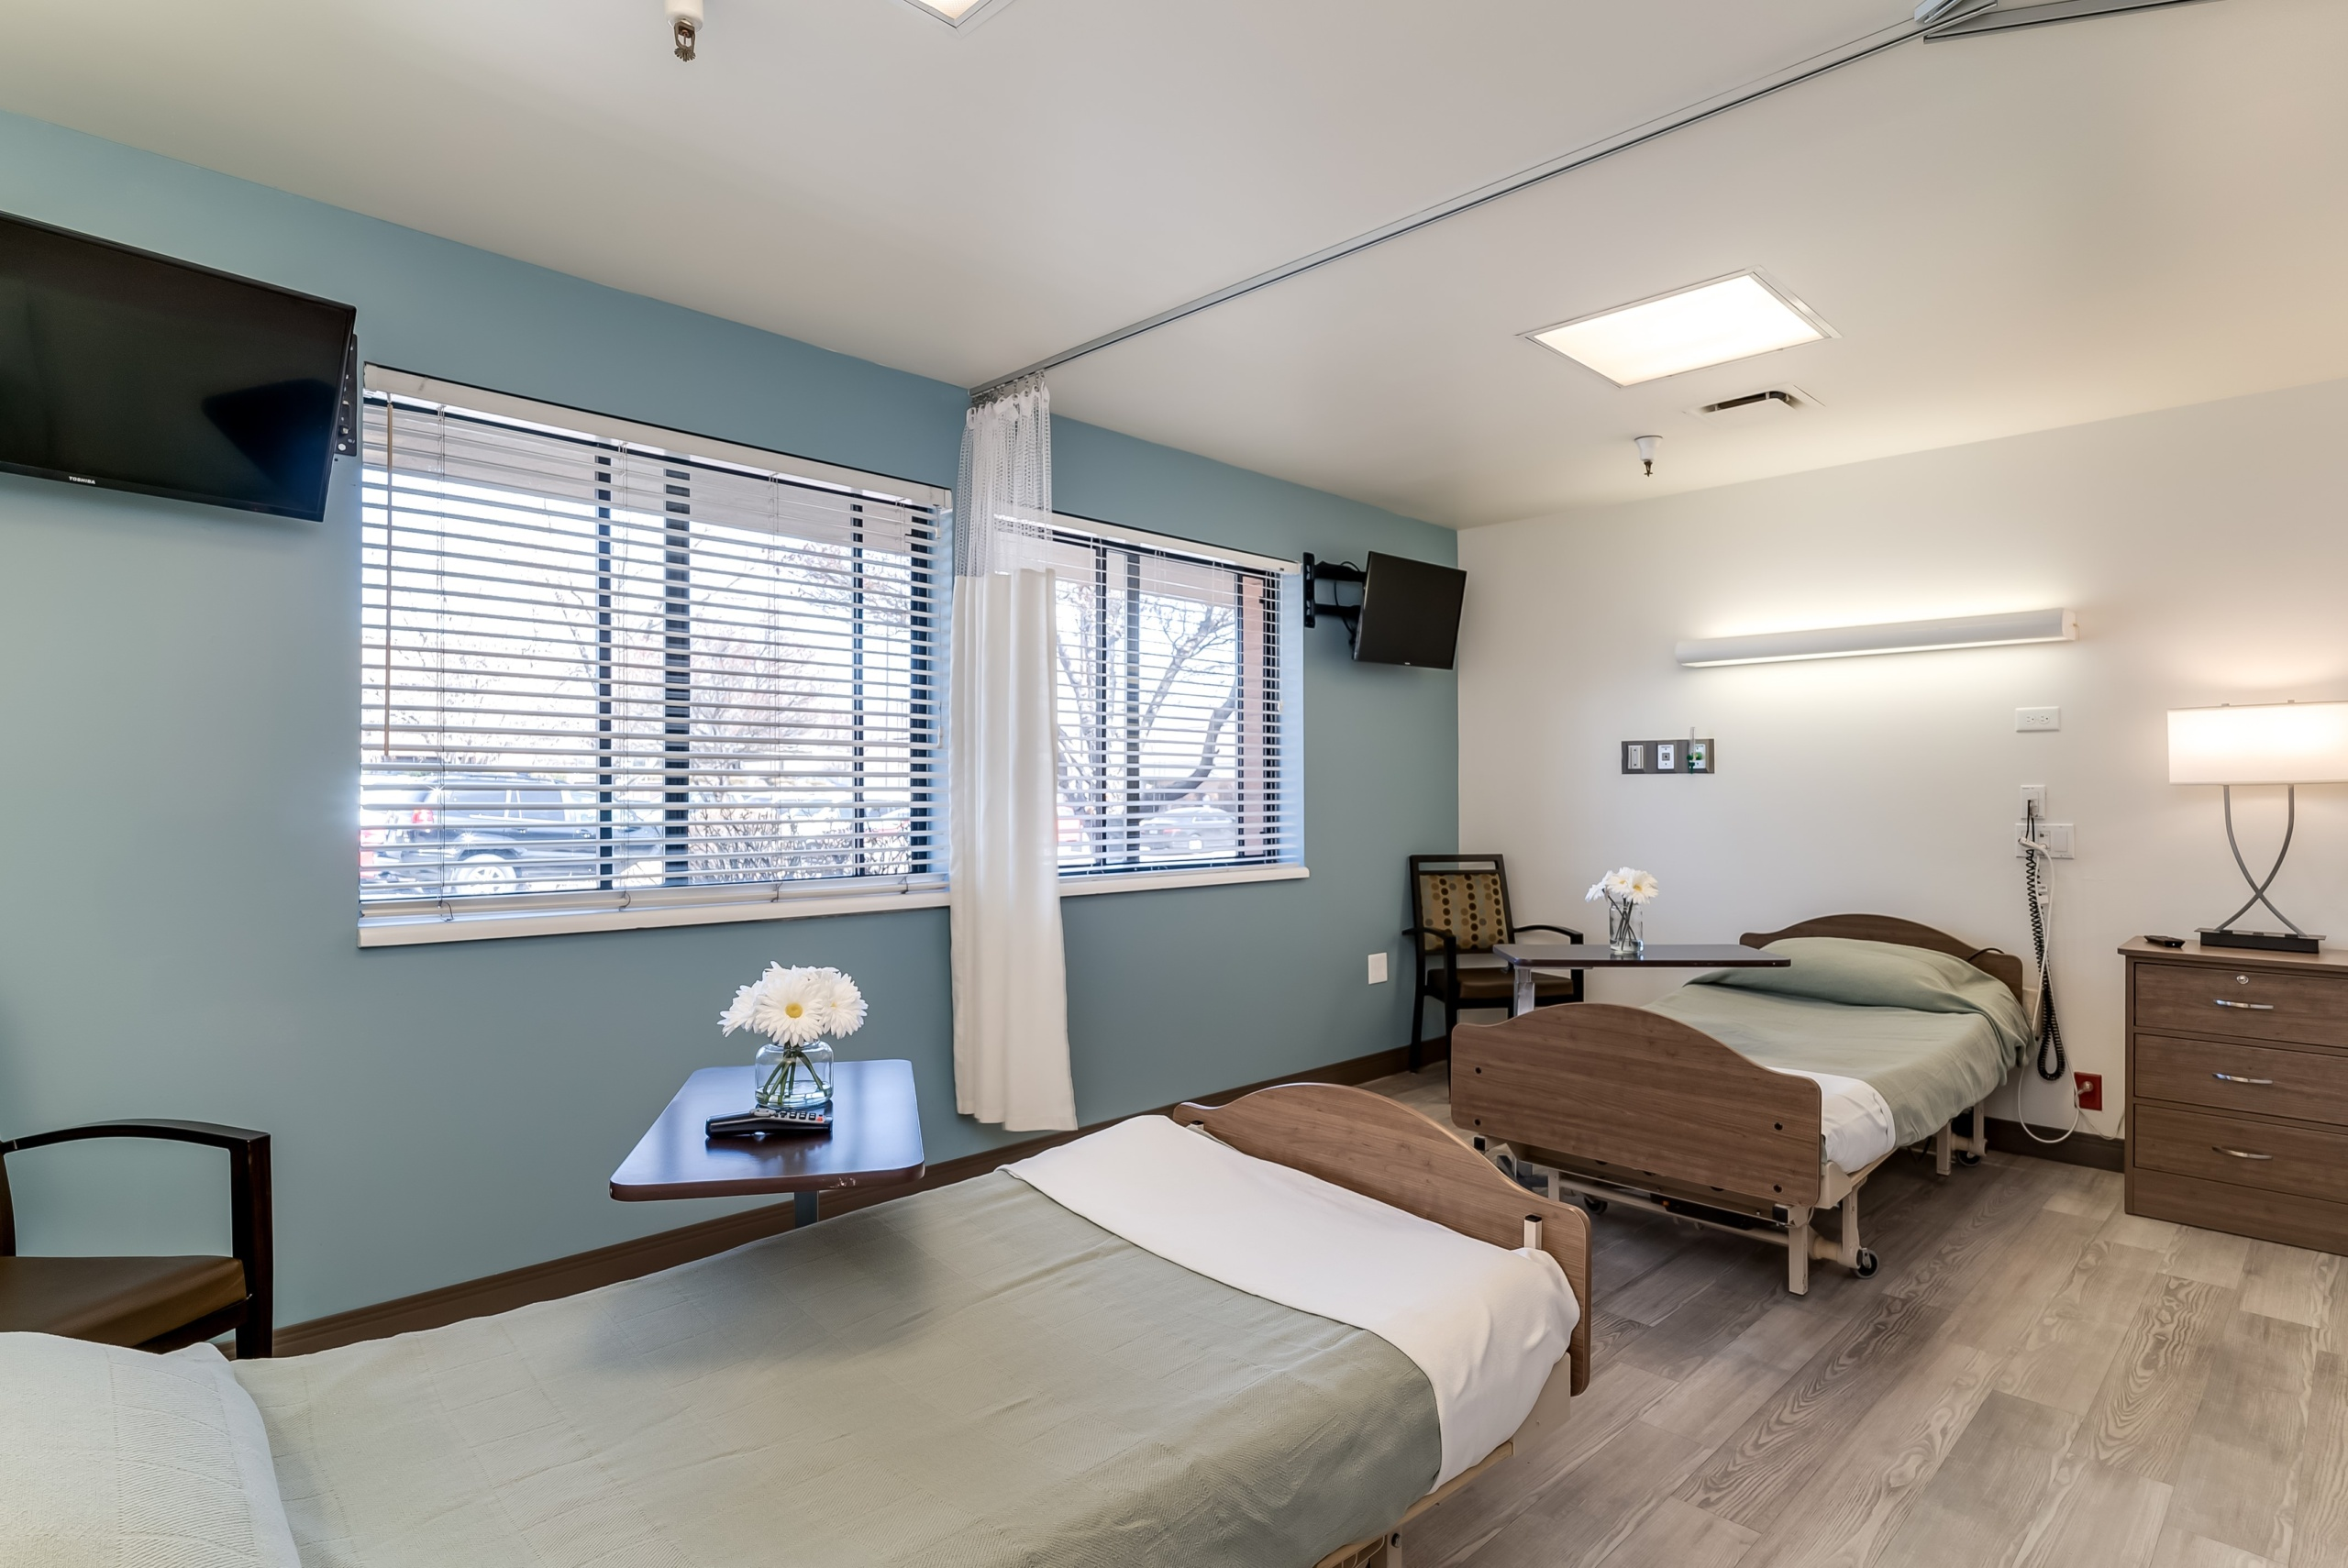 012_Patient Room